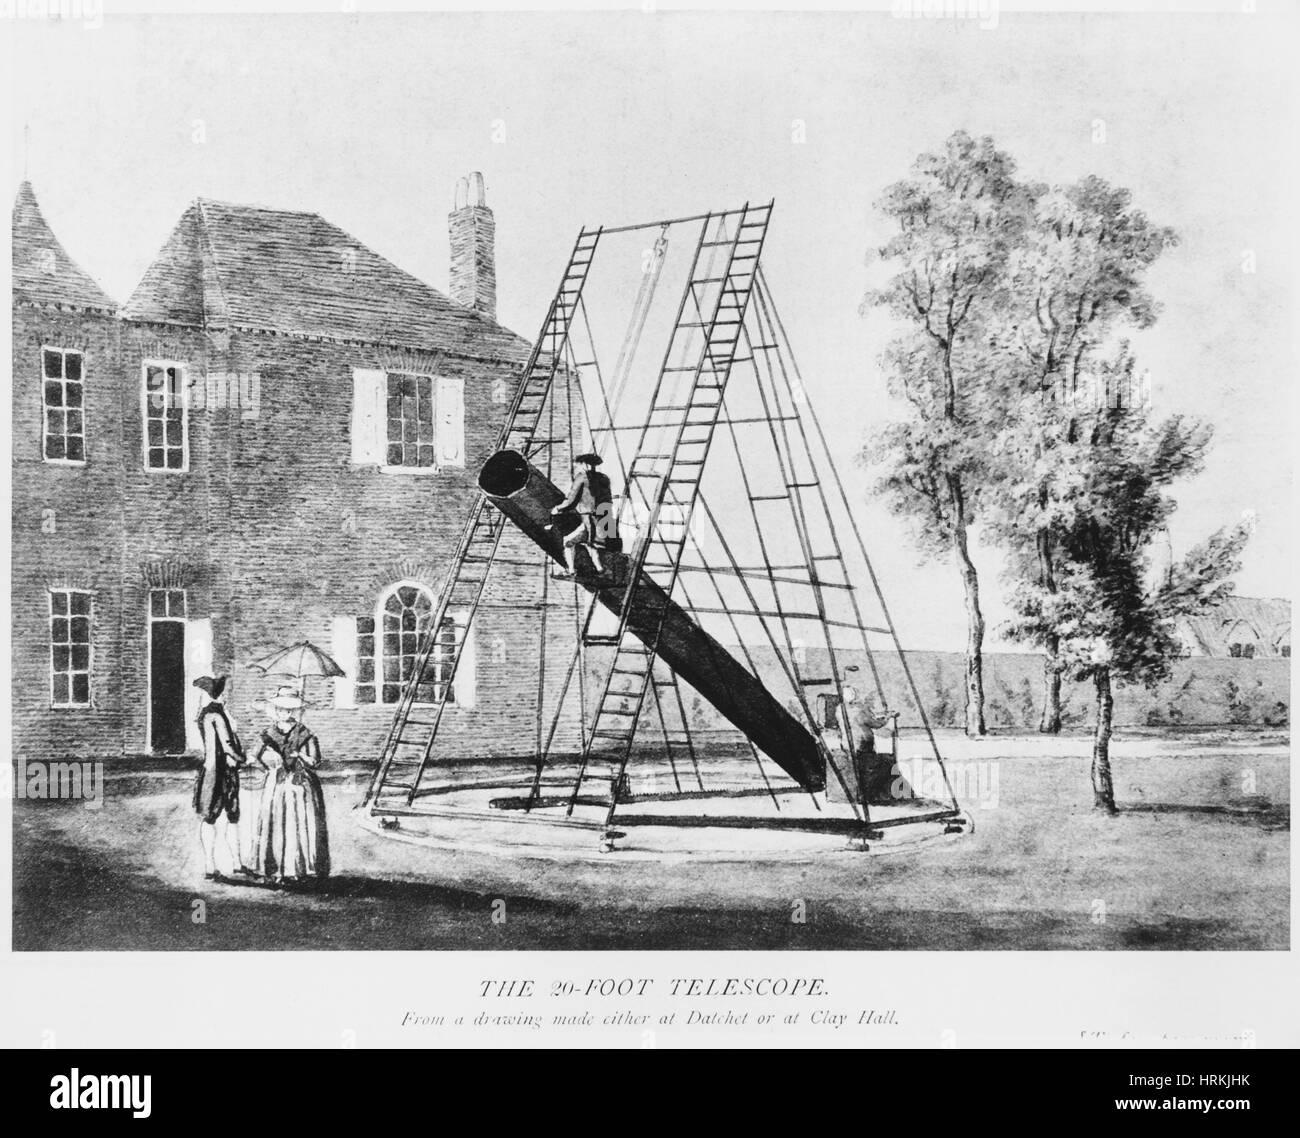 Le télescope Herschel 20 pieds Photo Stock